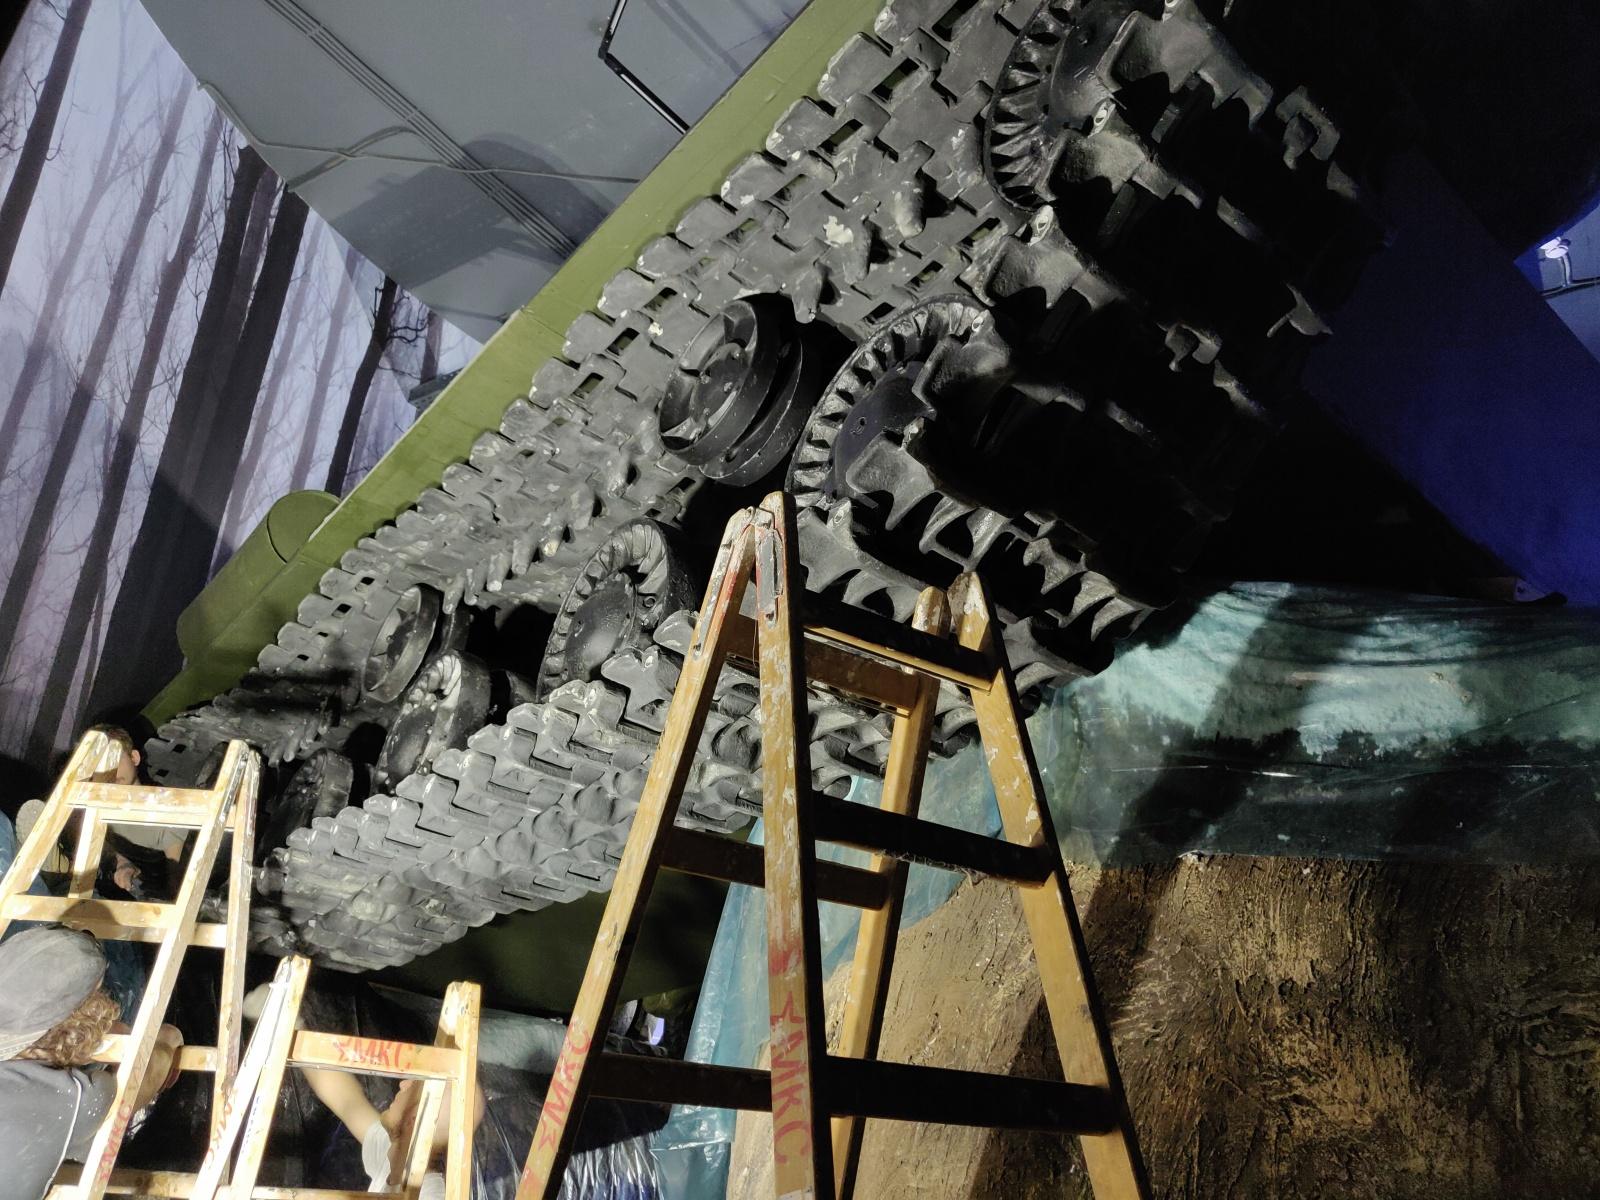 Музейный комплекс «Зоя»: танк под обстрелом проекторов и другие технические нюансы - 1